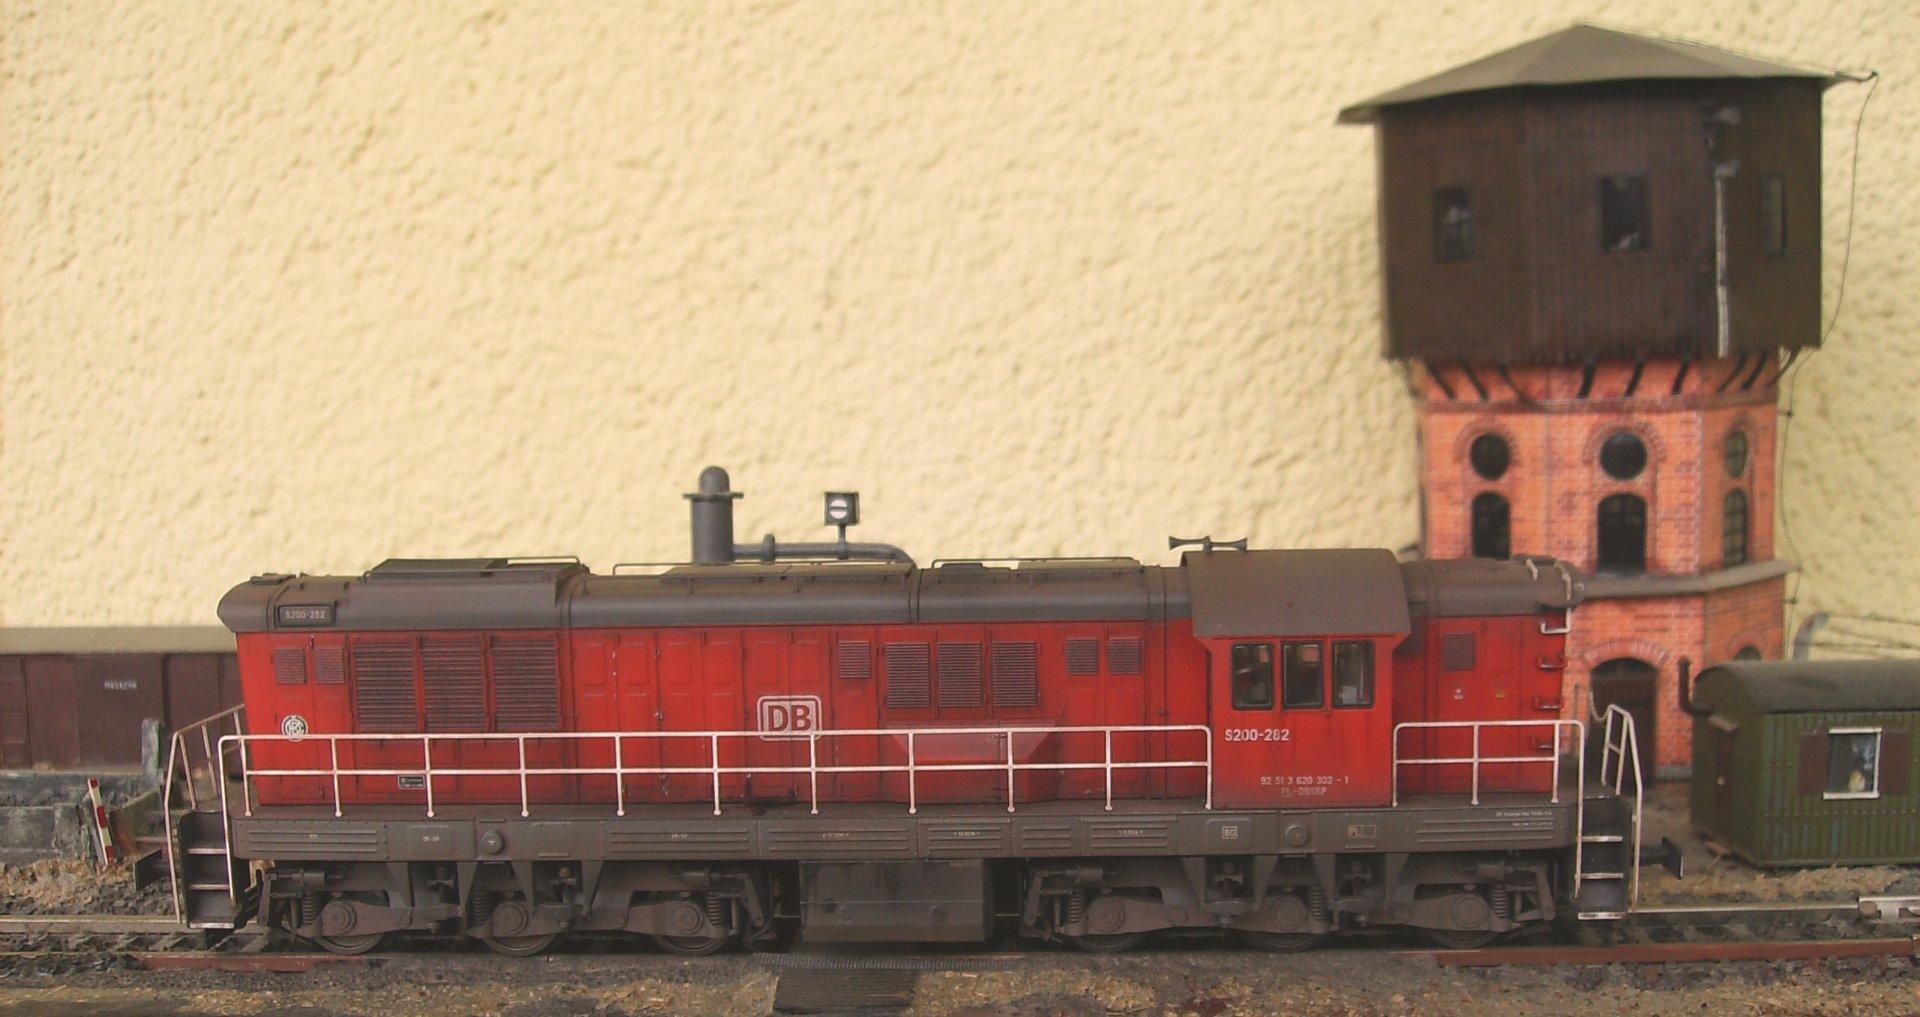 HPIM9527.JPG